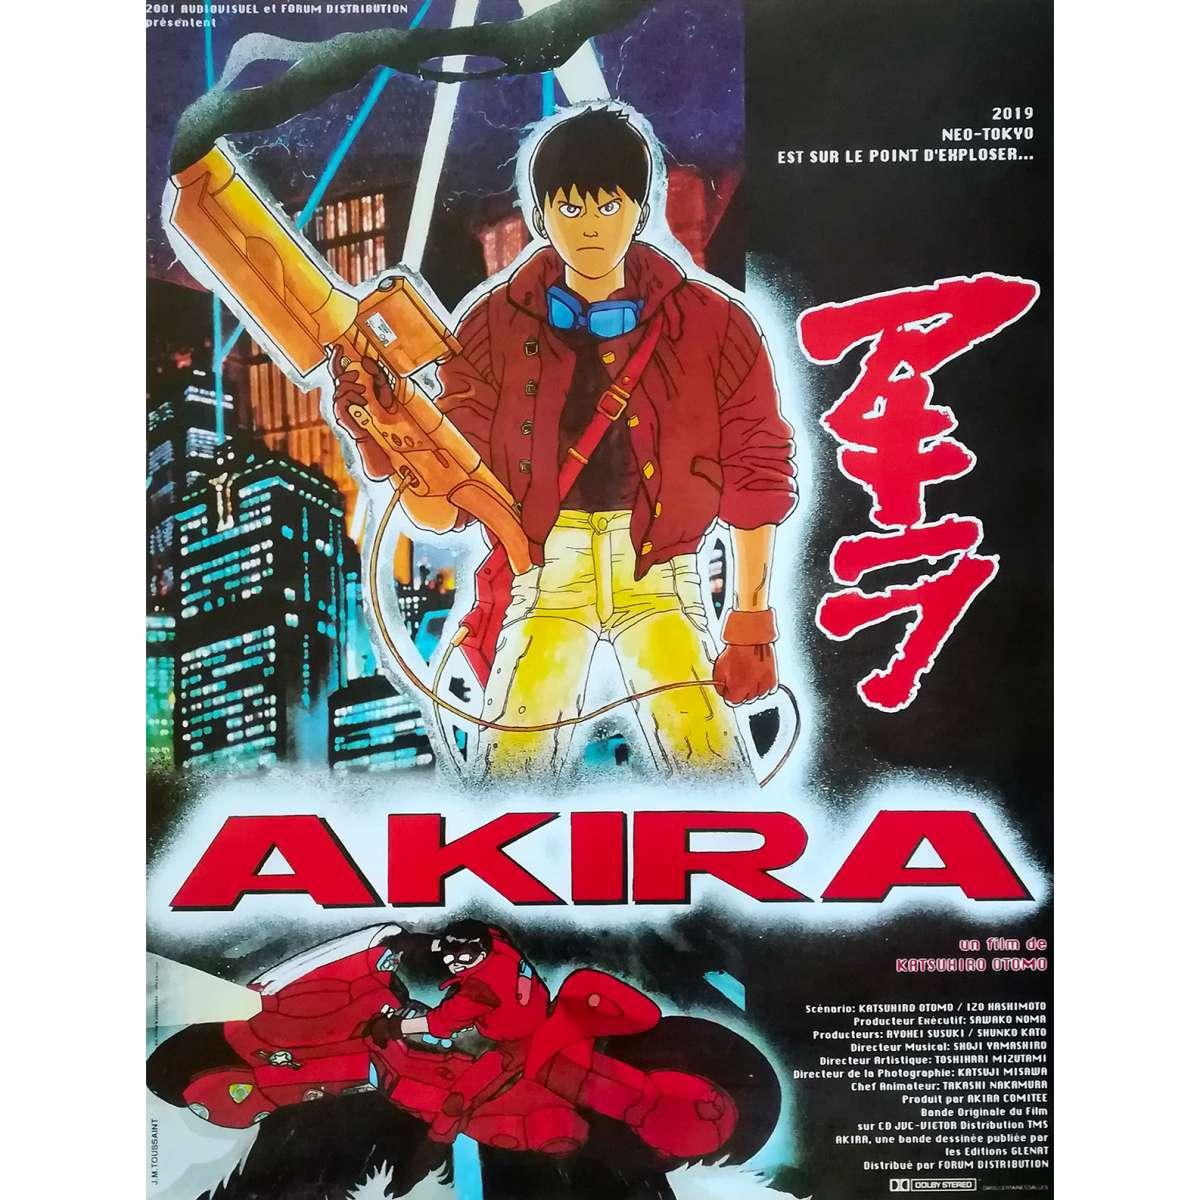 akira movie poster 15x21 in 1988 r2000 restrike katsuhiro otomo mitsuo iwata